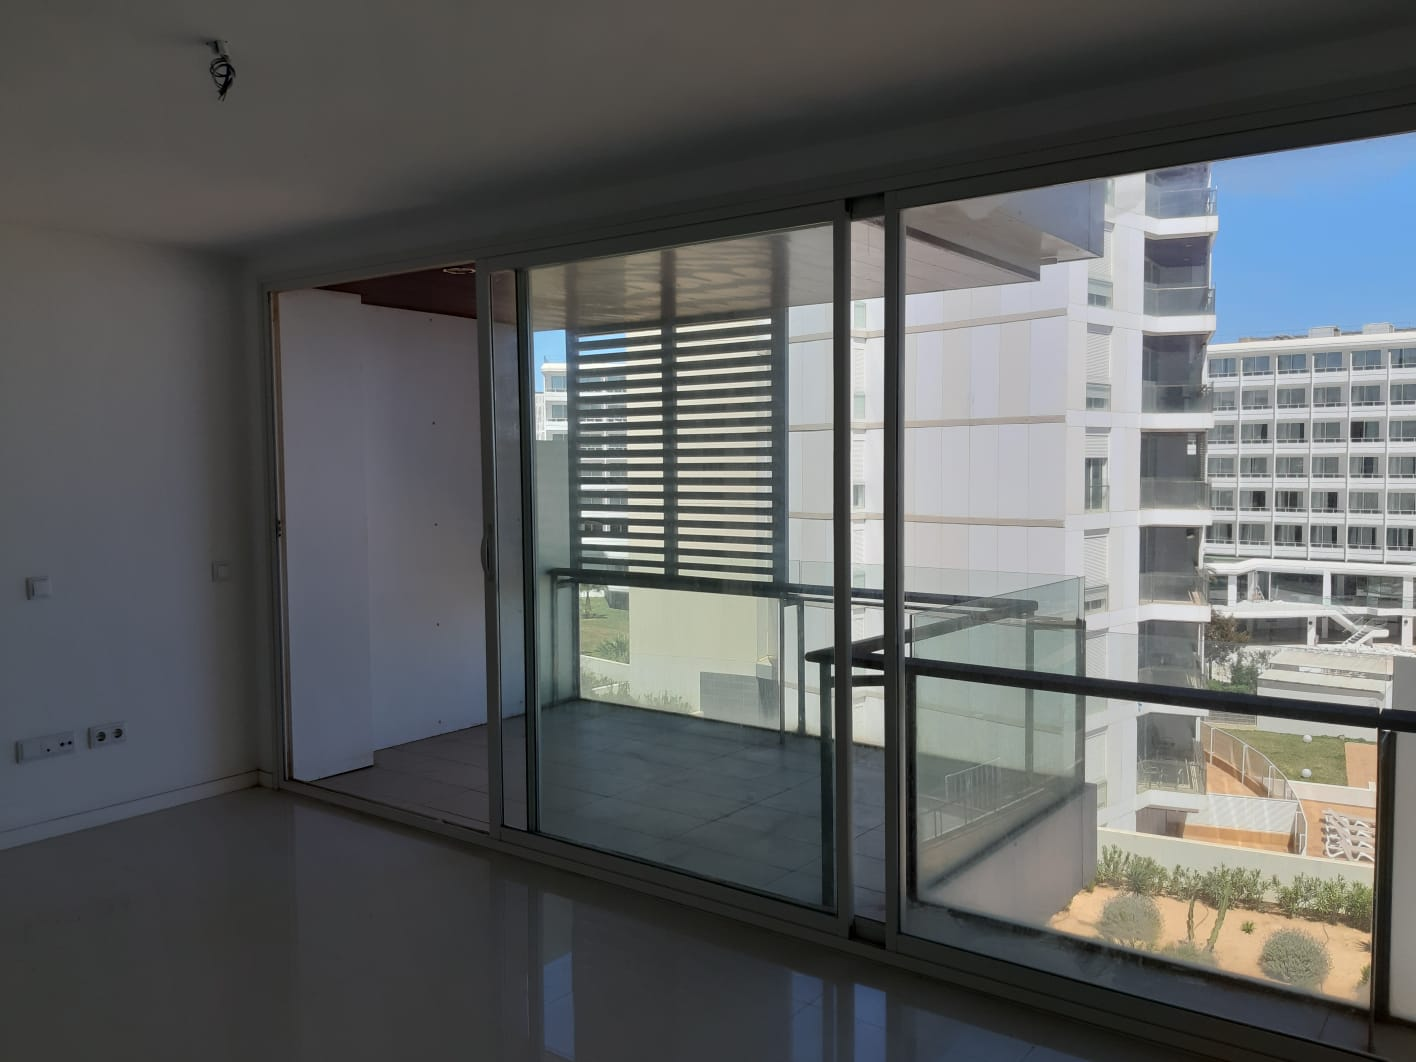 Appartement duplex neuf avec vue sur la mer dans une résidence exclusive à Playa d'en Bossa